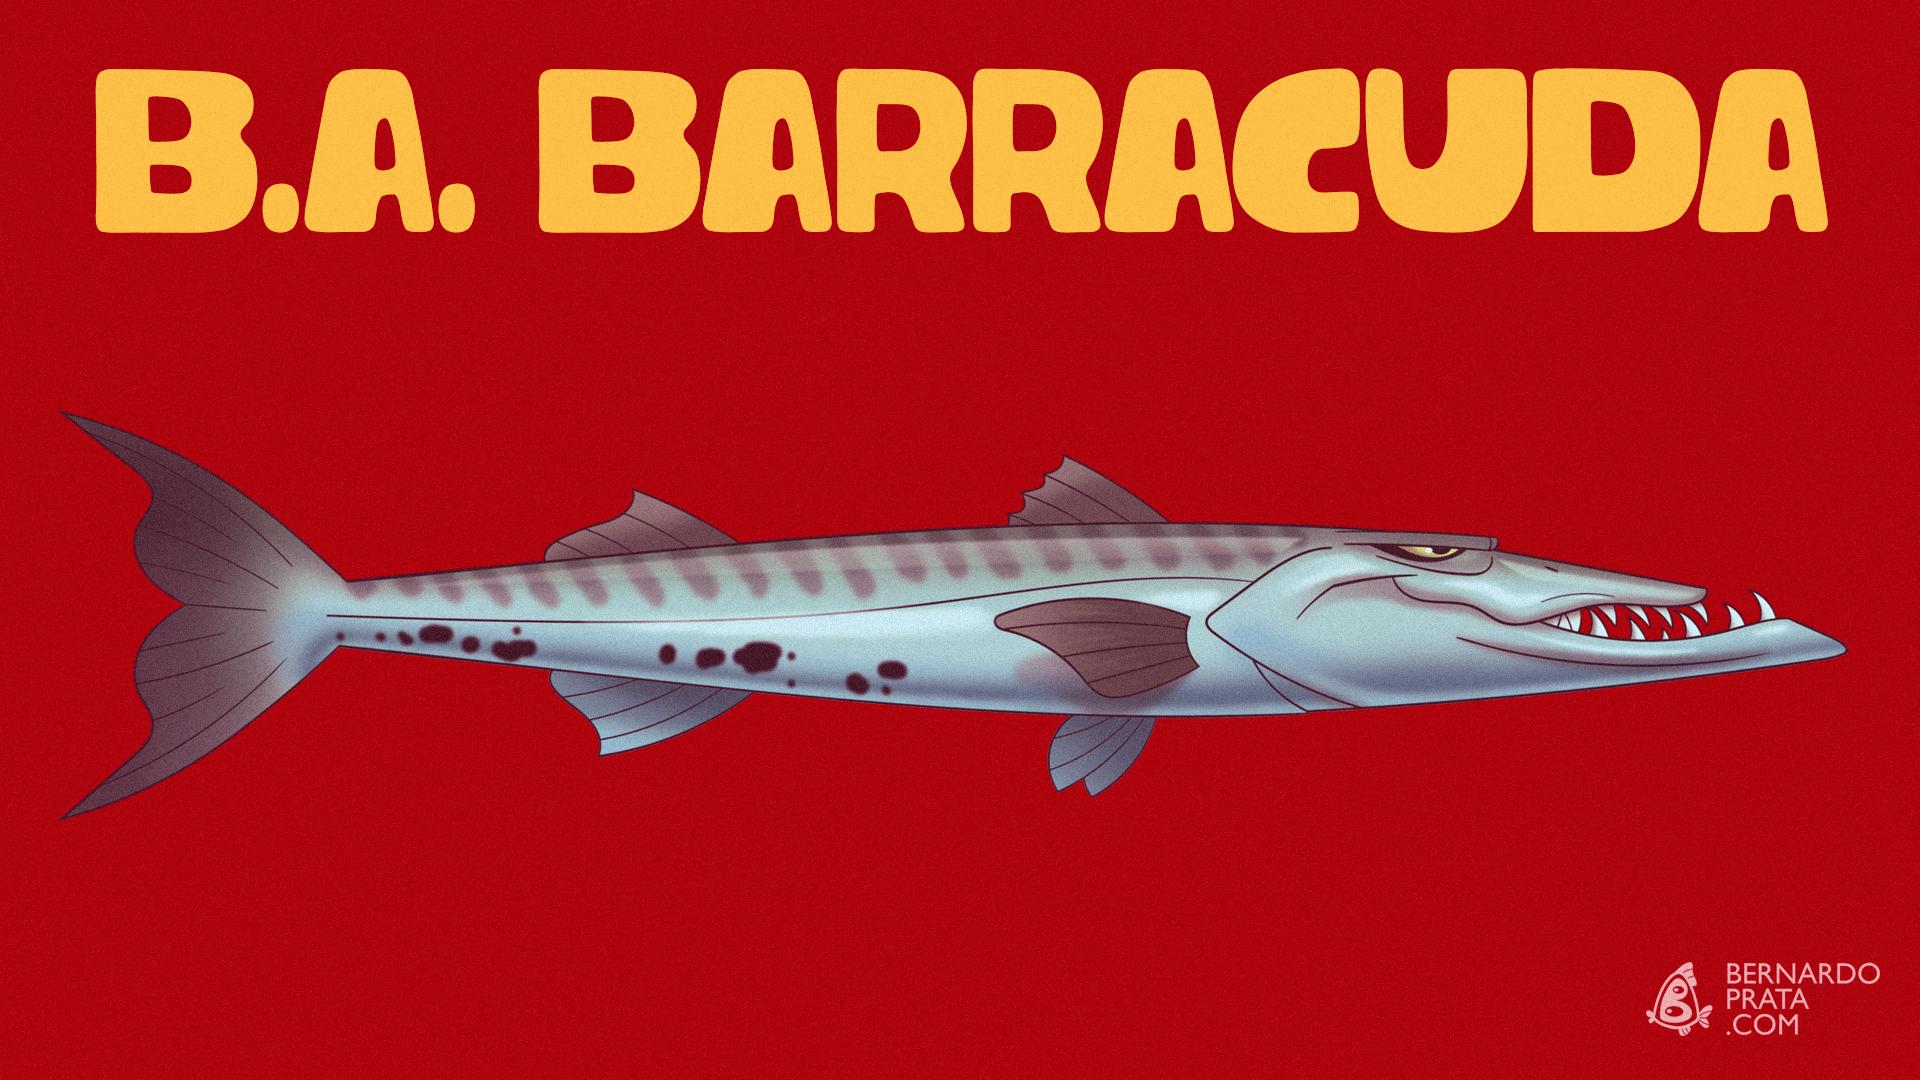 Board_B_A_BARRACUDA